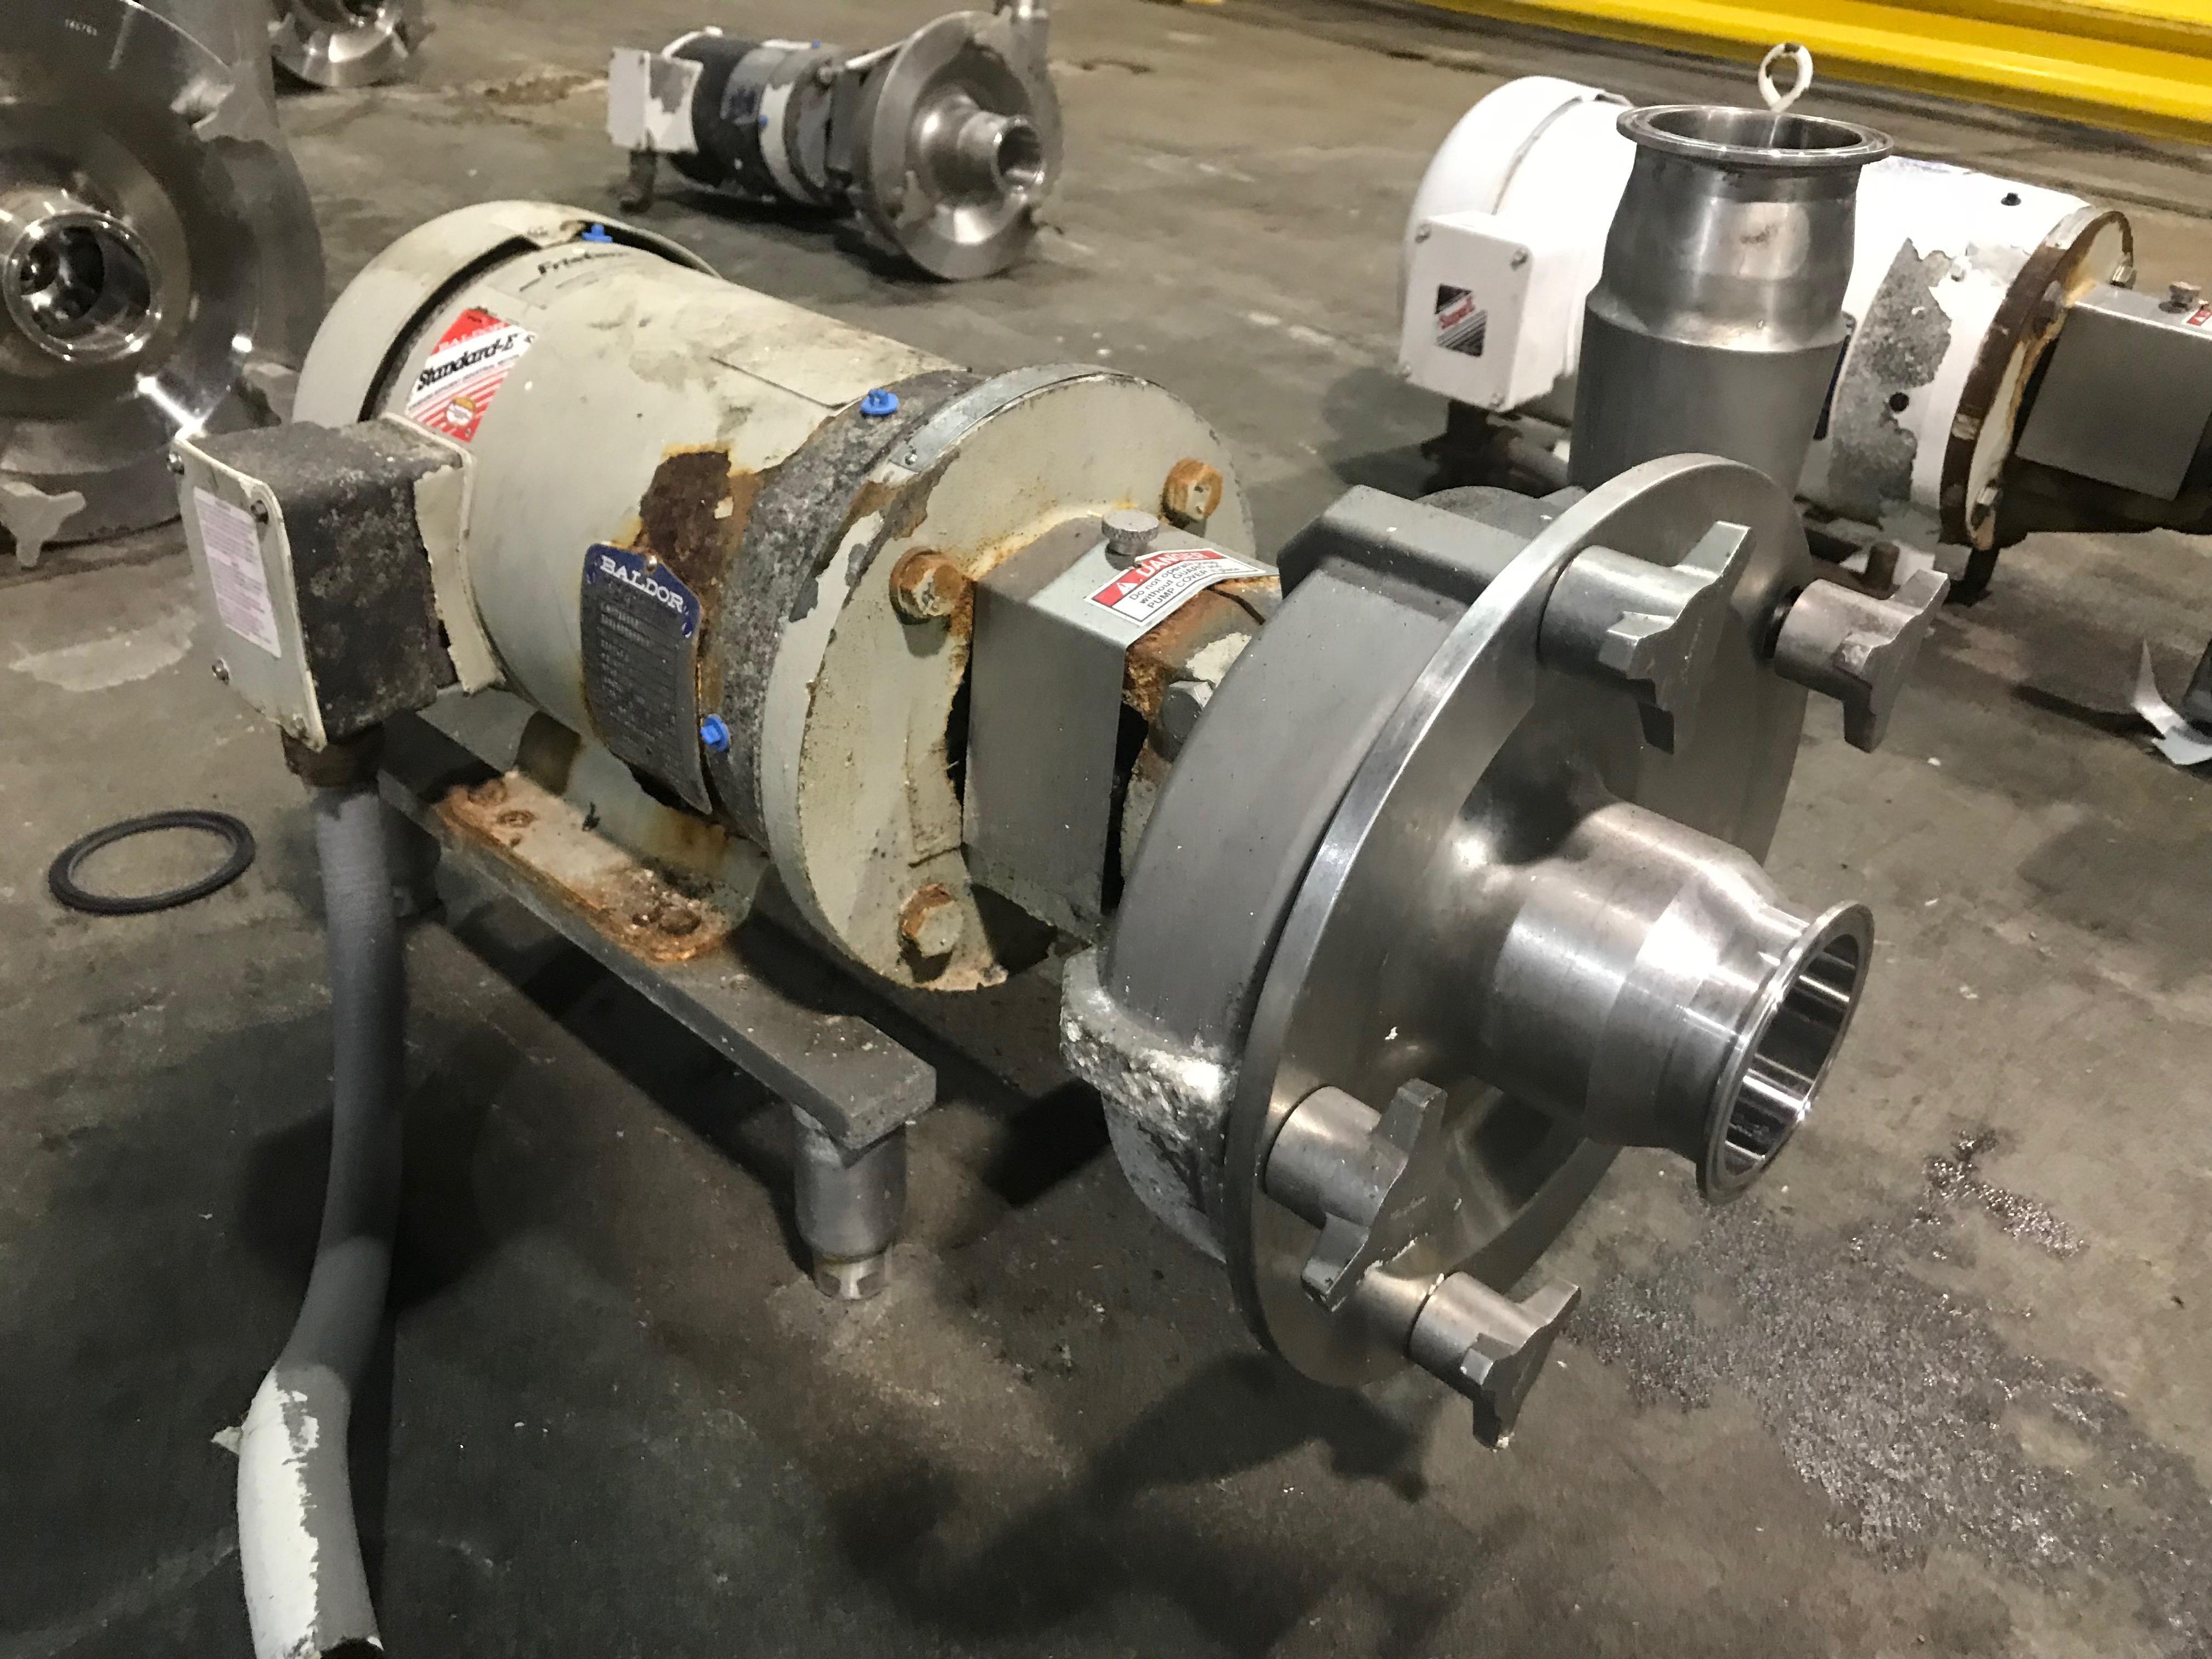 Lot 38A - Centrifugal Pump, 5 HP | Rig Fee: $25